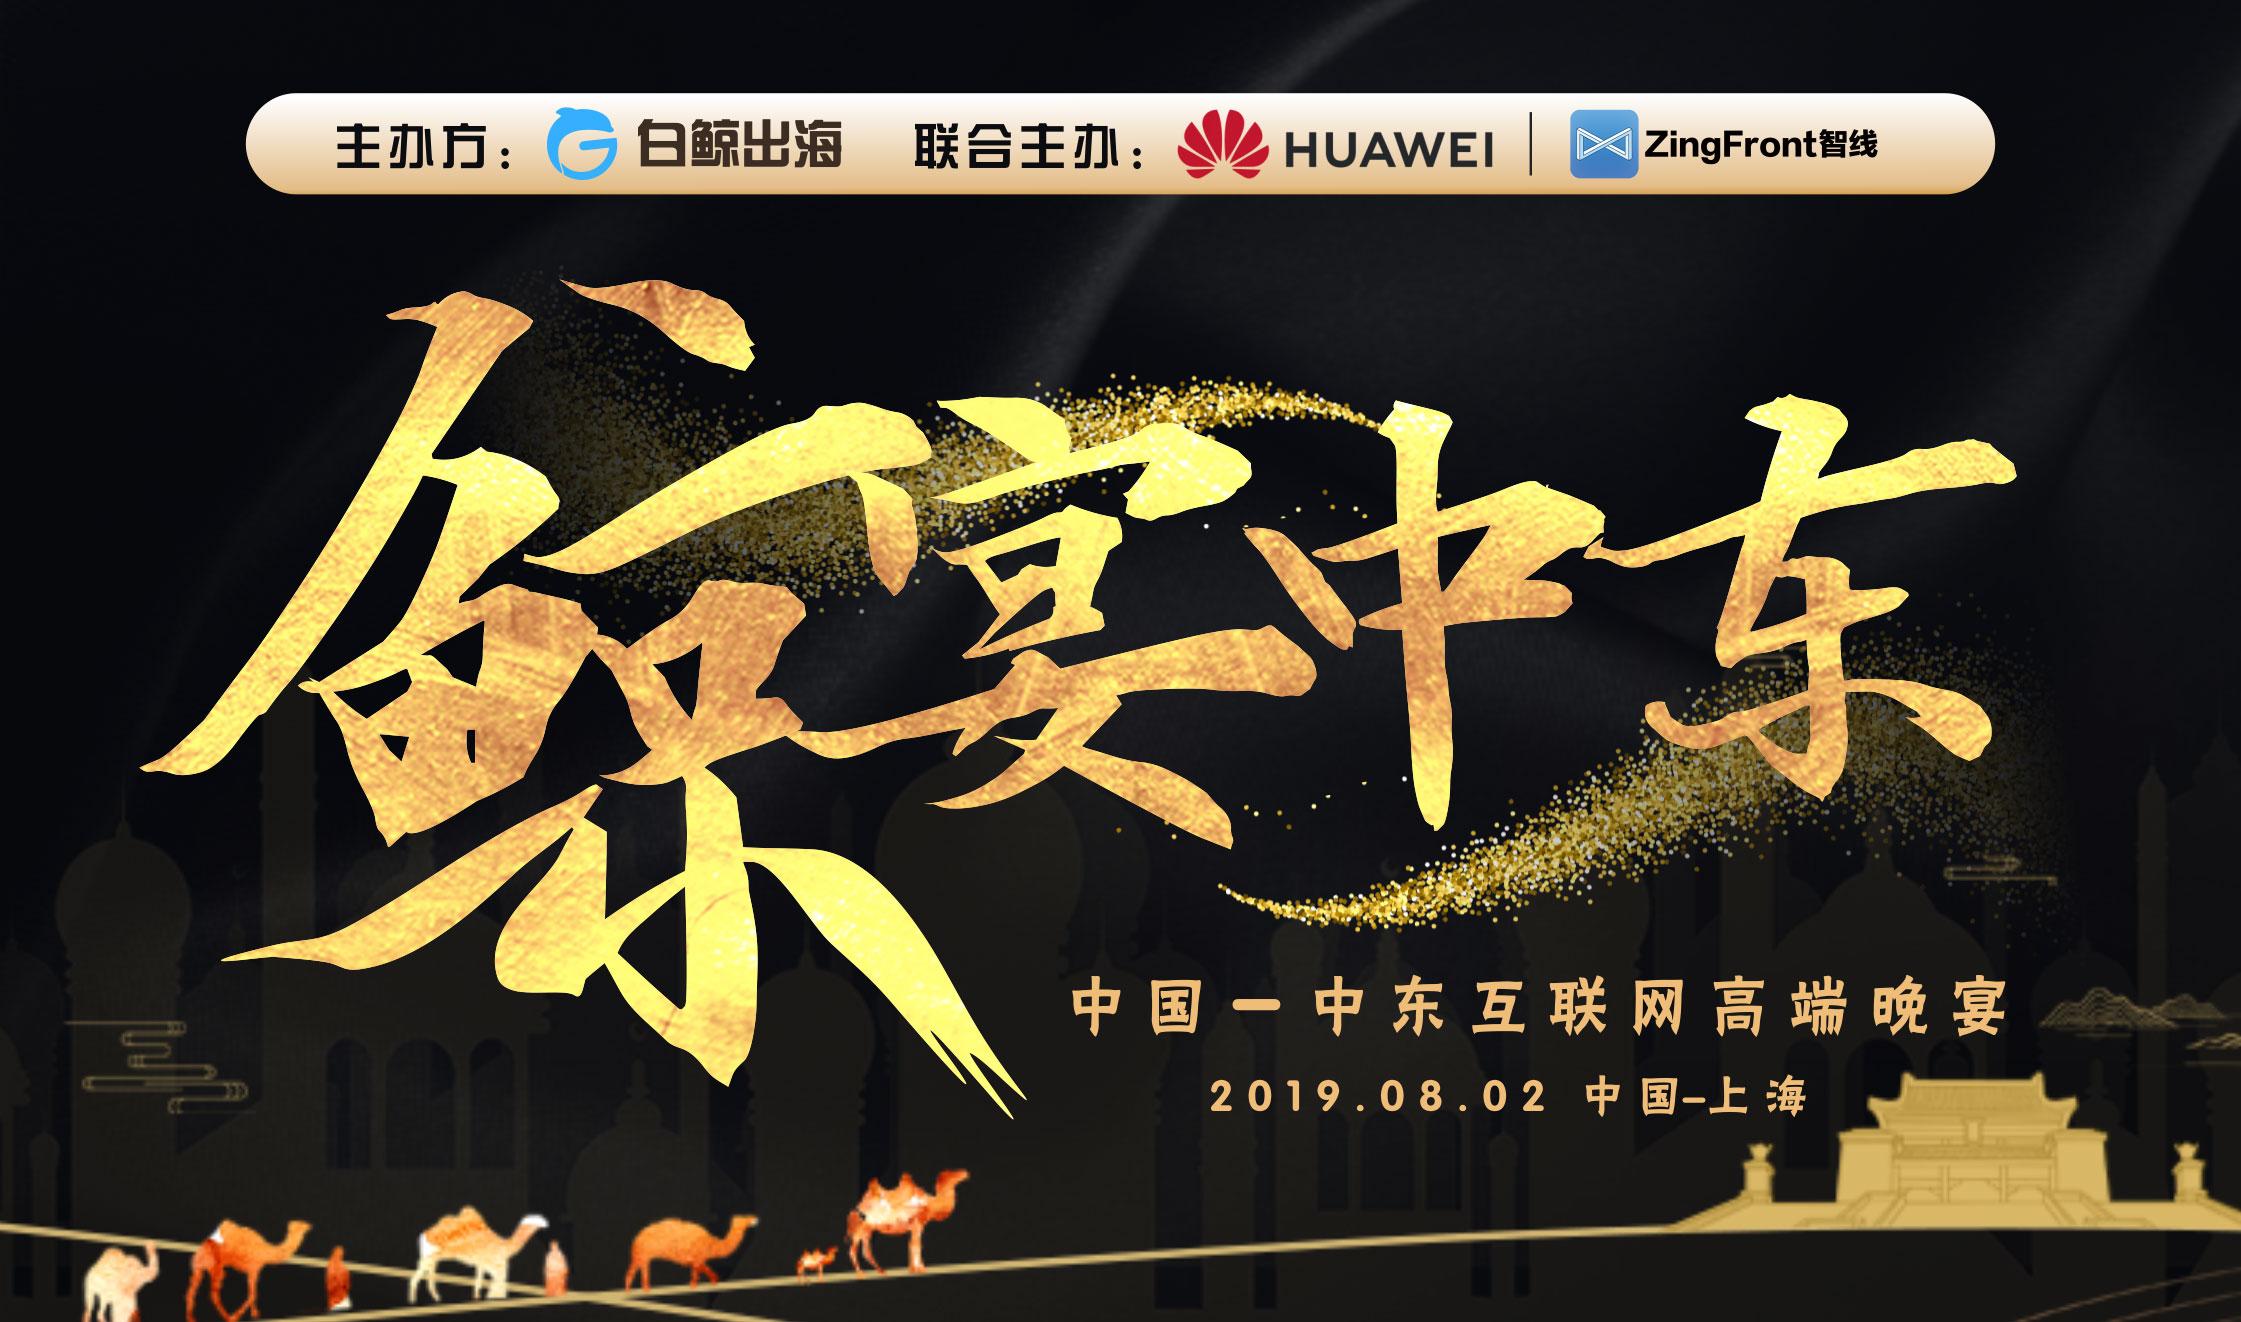 鲸宴中东|中国—中东互联网高端晚宴 - 移动互联网出海,出海服务,海外的行业服务平台 - Enjoy出海